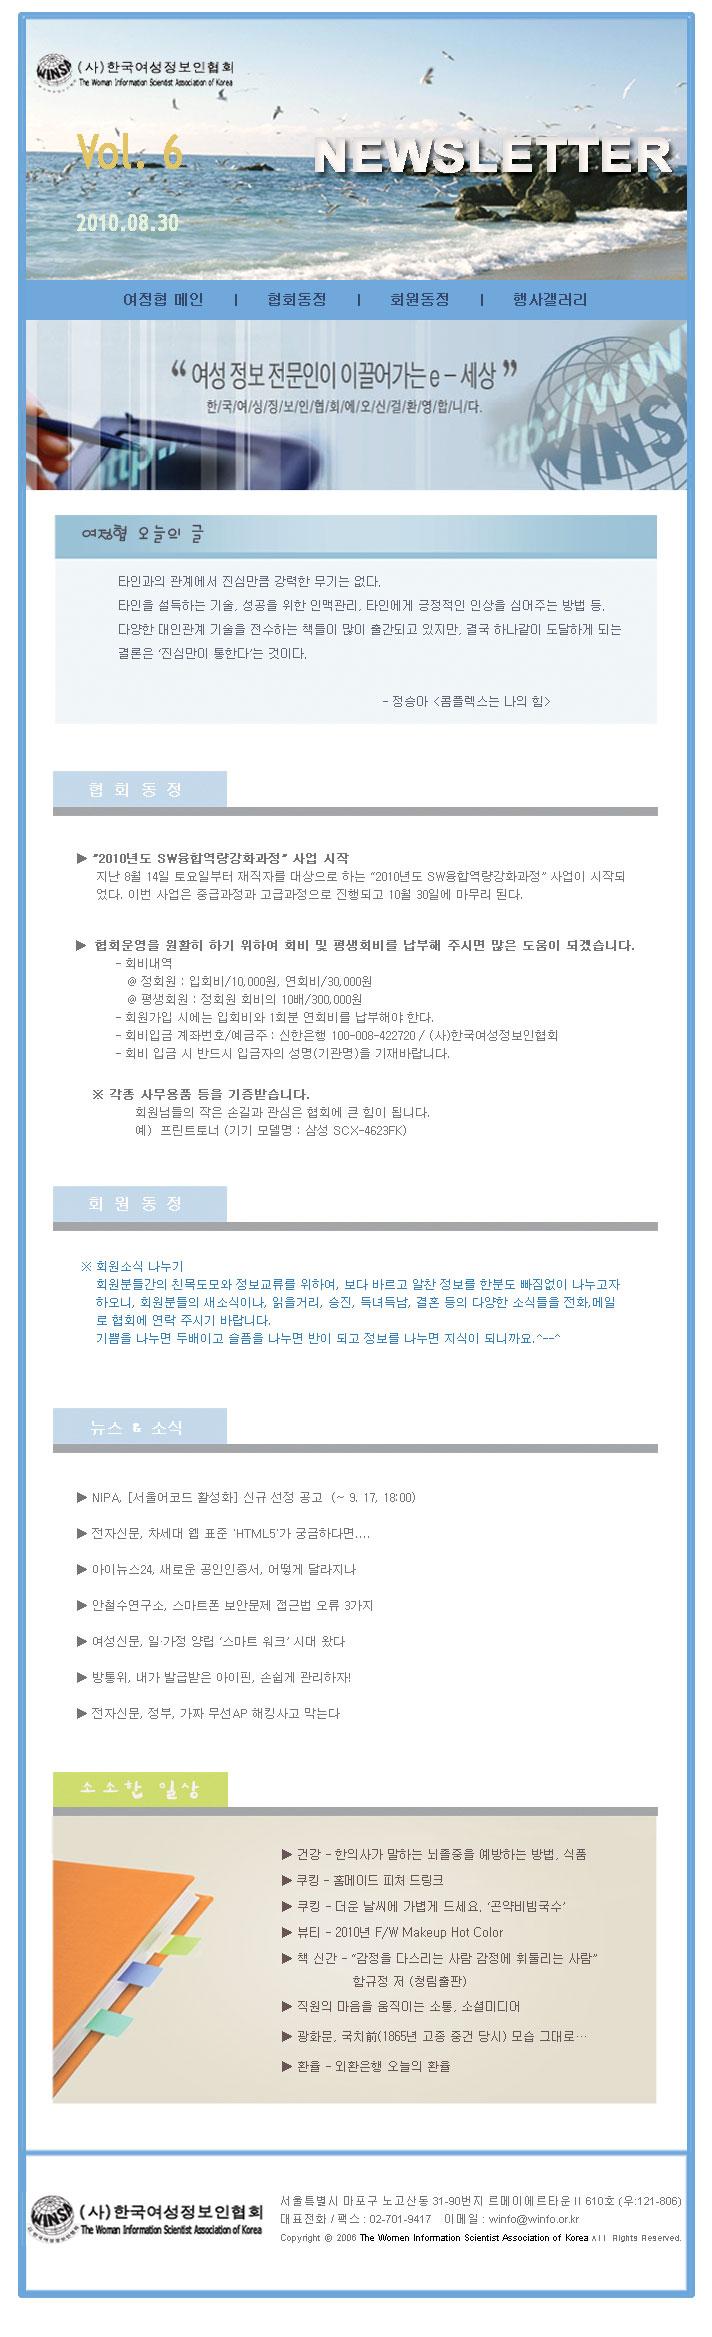 newsletter20100830-img.jpg